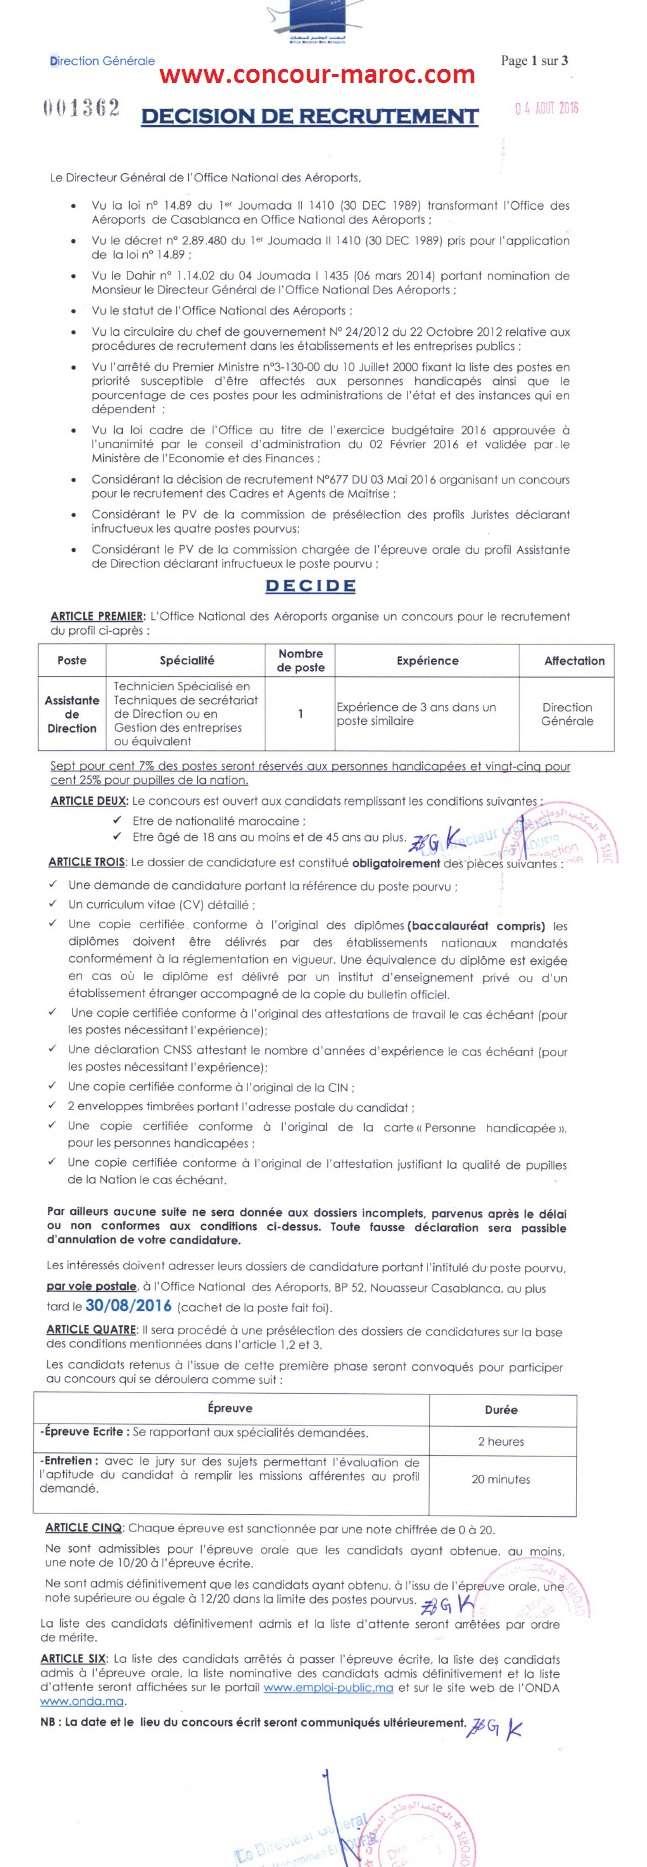 المكتب الوطني للمطارات : مباراة لتوظيف كاتبة إدارة (1 منصب) آخر أجل لإيداع الترشيحات 30 غشت 2016 666612